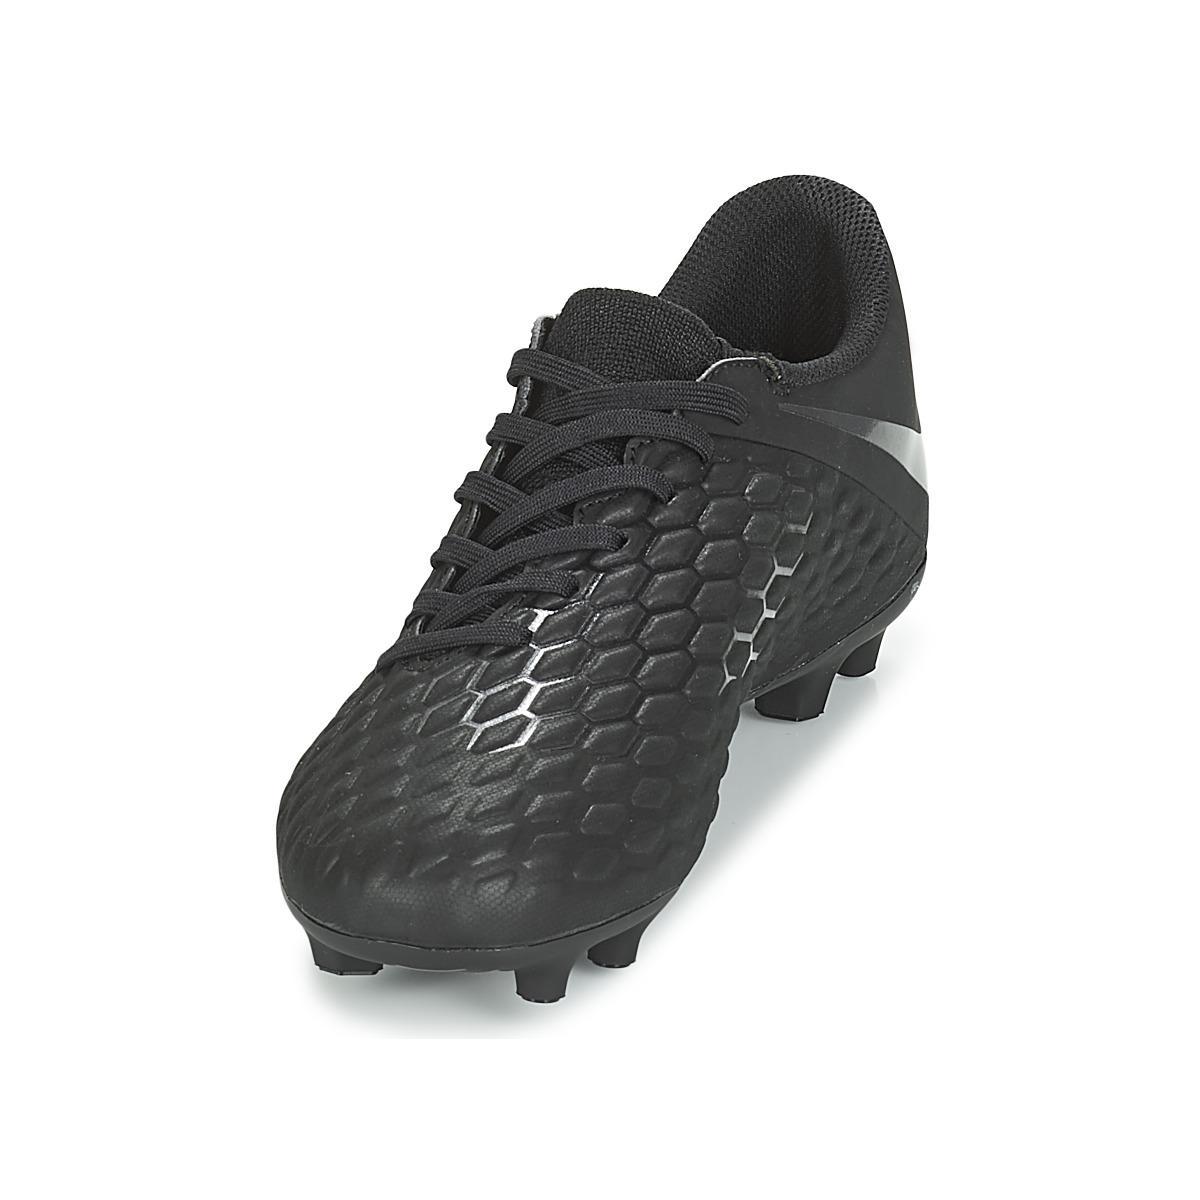 da2544a6617d Nike - Phantom 3 Club Fg Women's Football Boots In Black - Lyst. View  fullscreen